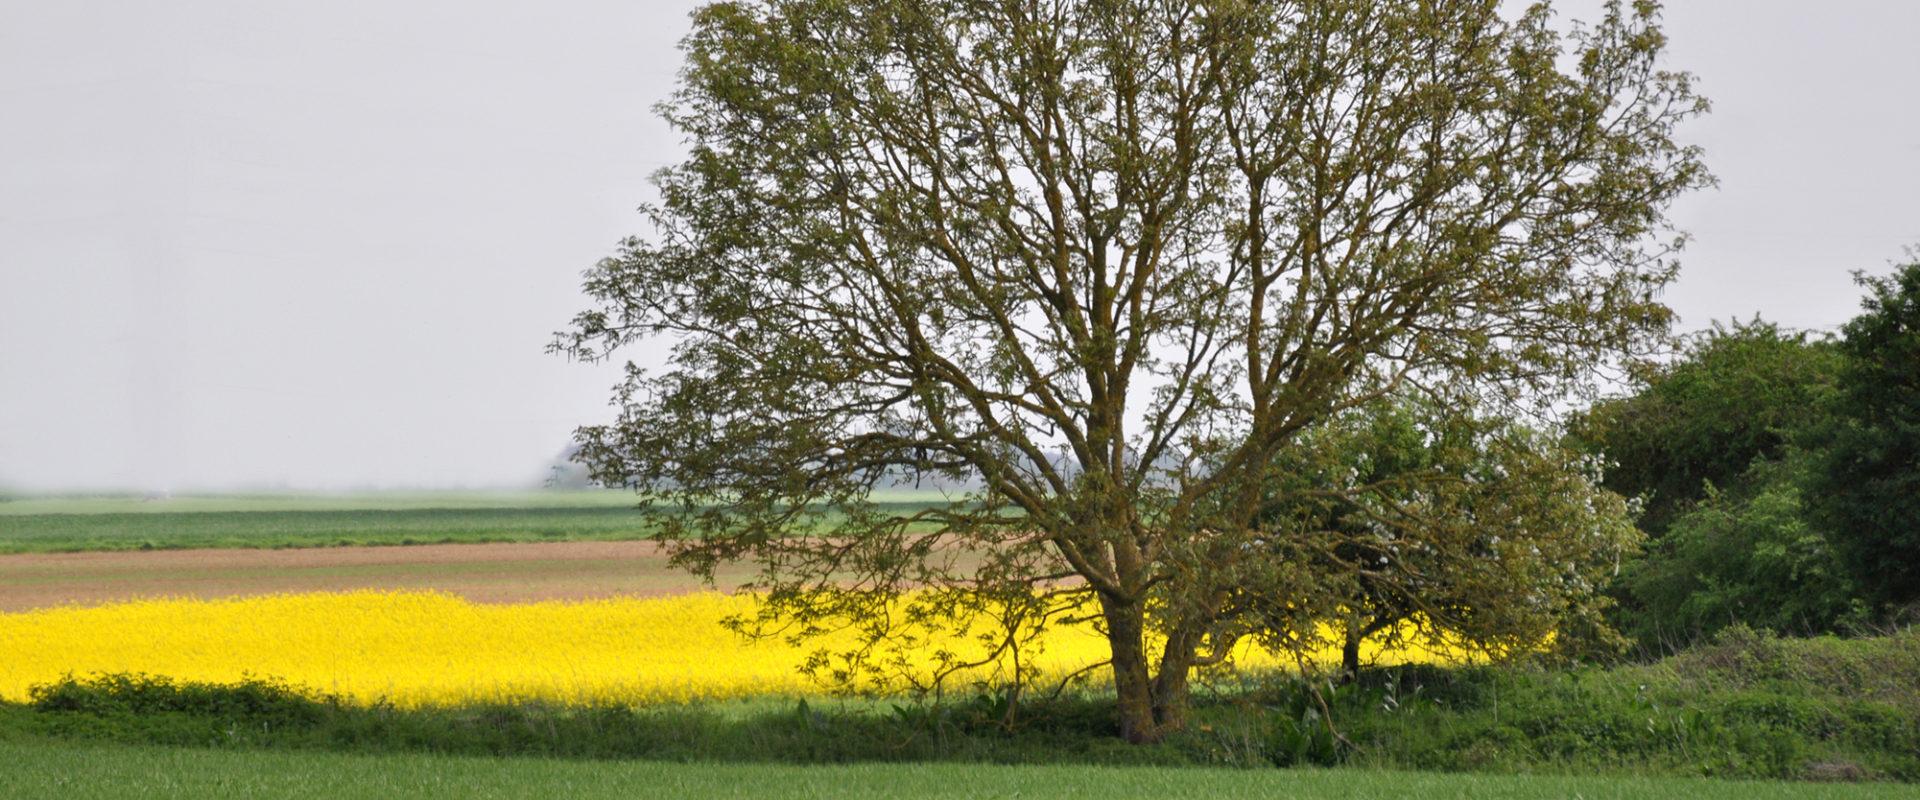 Paysage et campagne de la commune de Cravant (45)